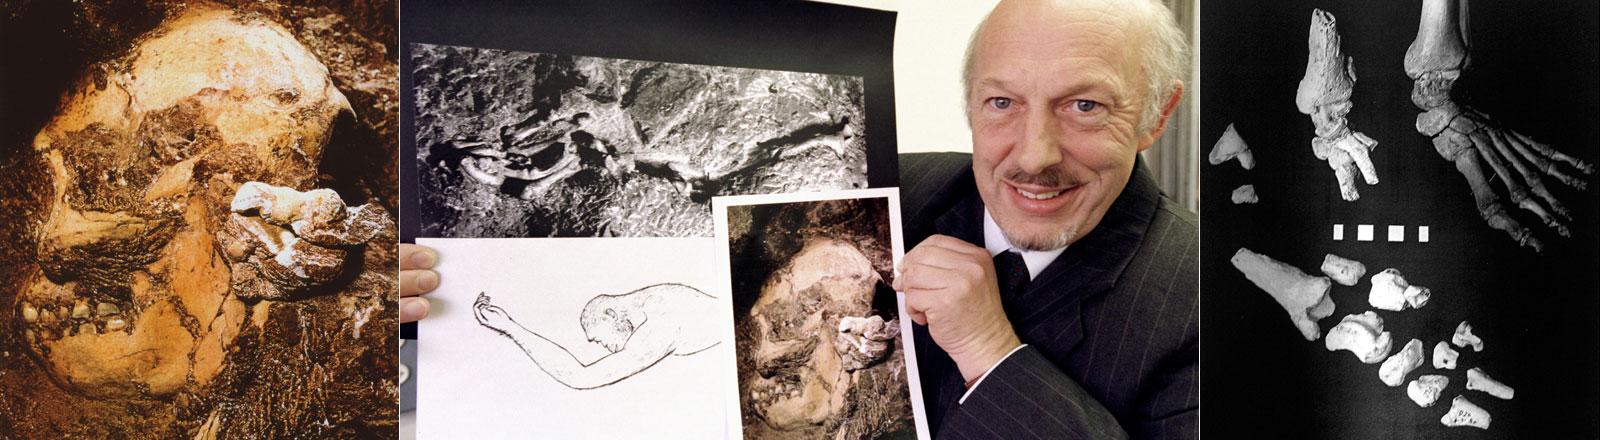 Der Australopithecus Prometheus, genannt Little Foot, und sein Entdecker der Archäologe Dr. Ron Clarke